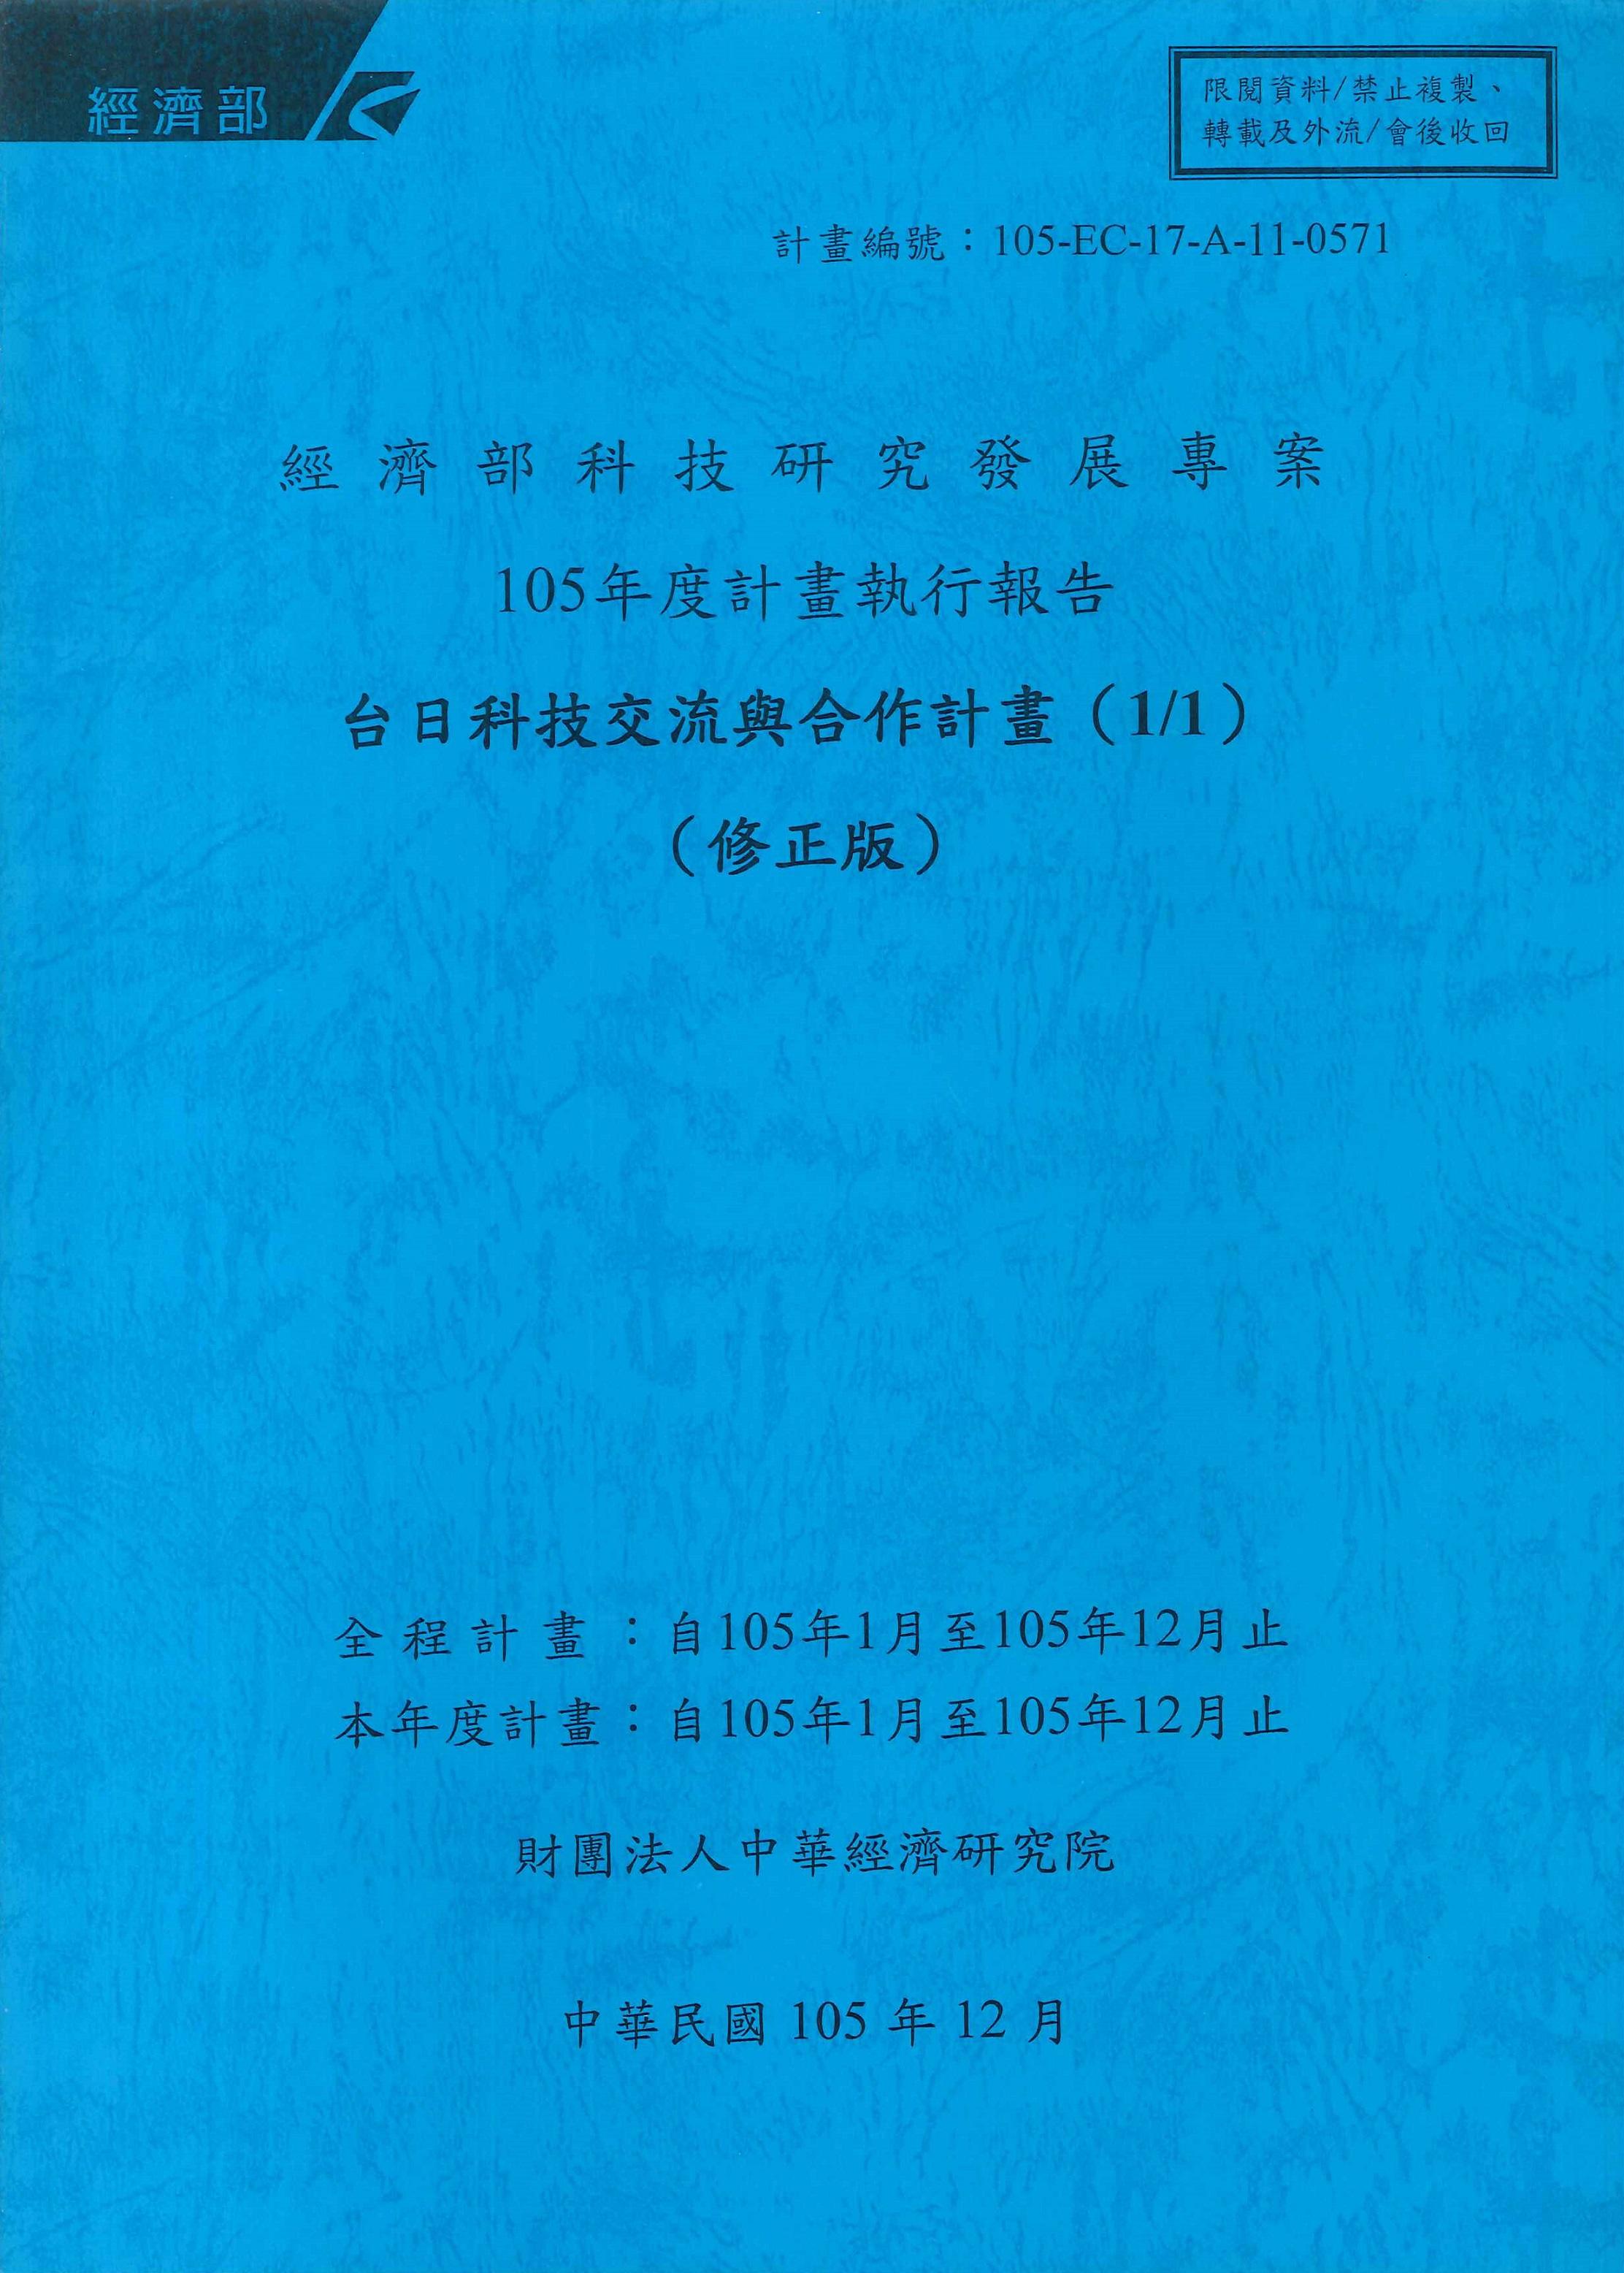 台日科技交流與合作計畫